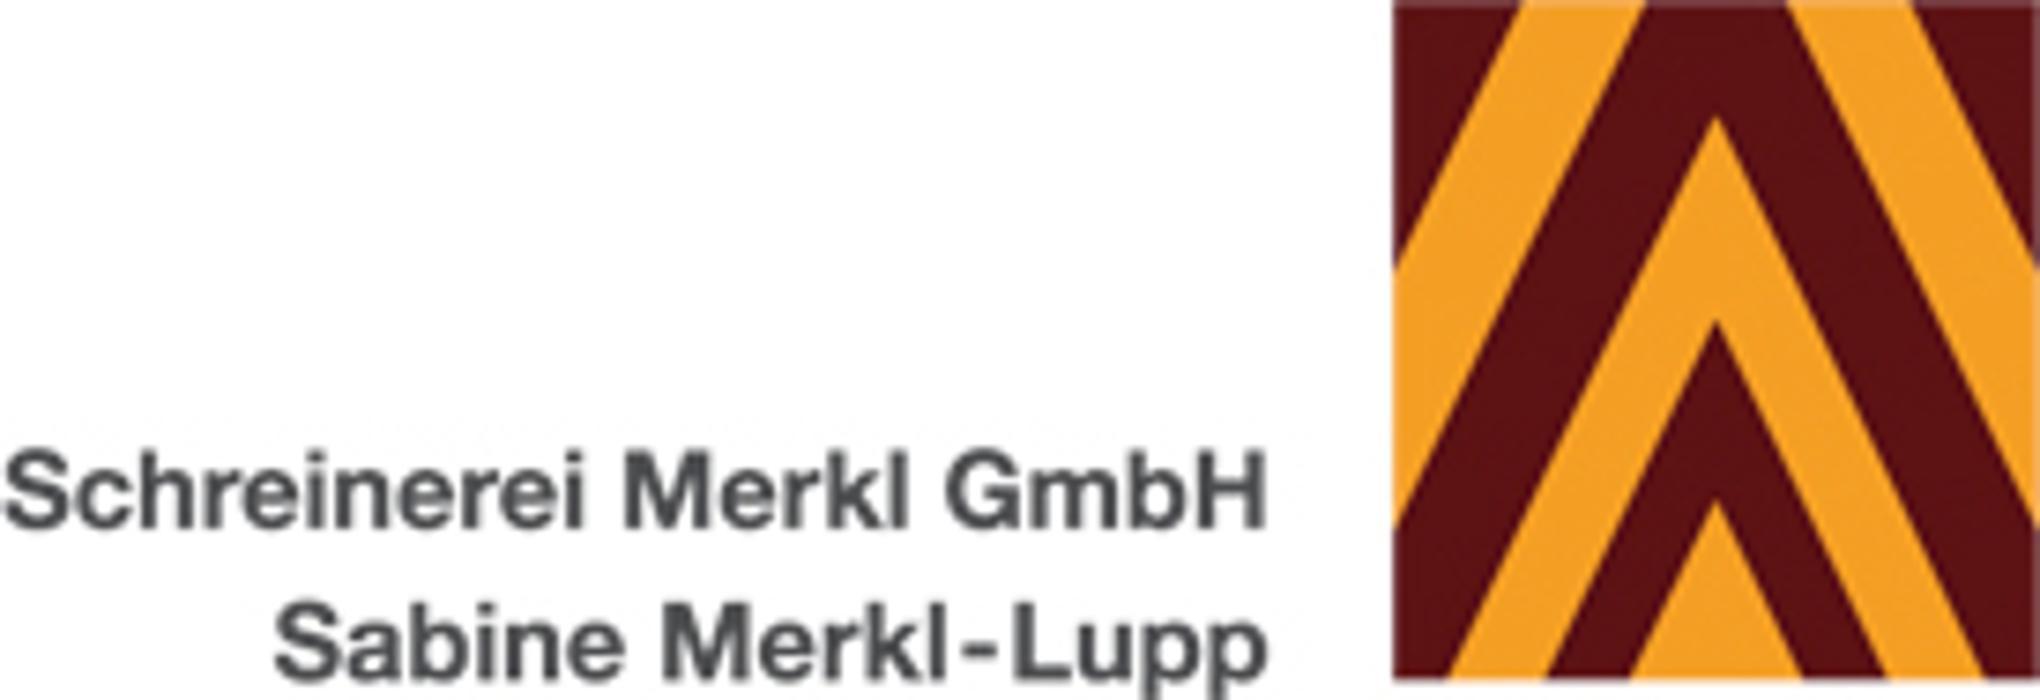 Bild zu Schreinerei Merkl GmbH Sabine Merkl-Lupp in München